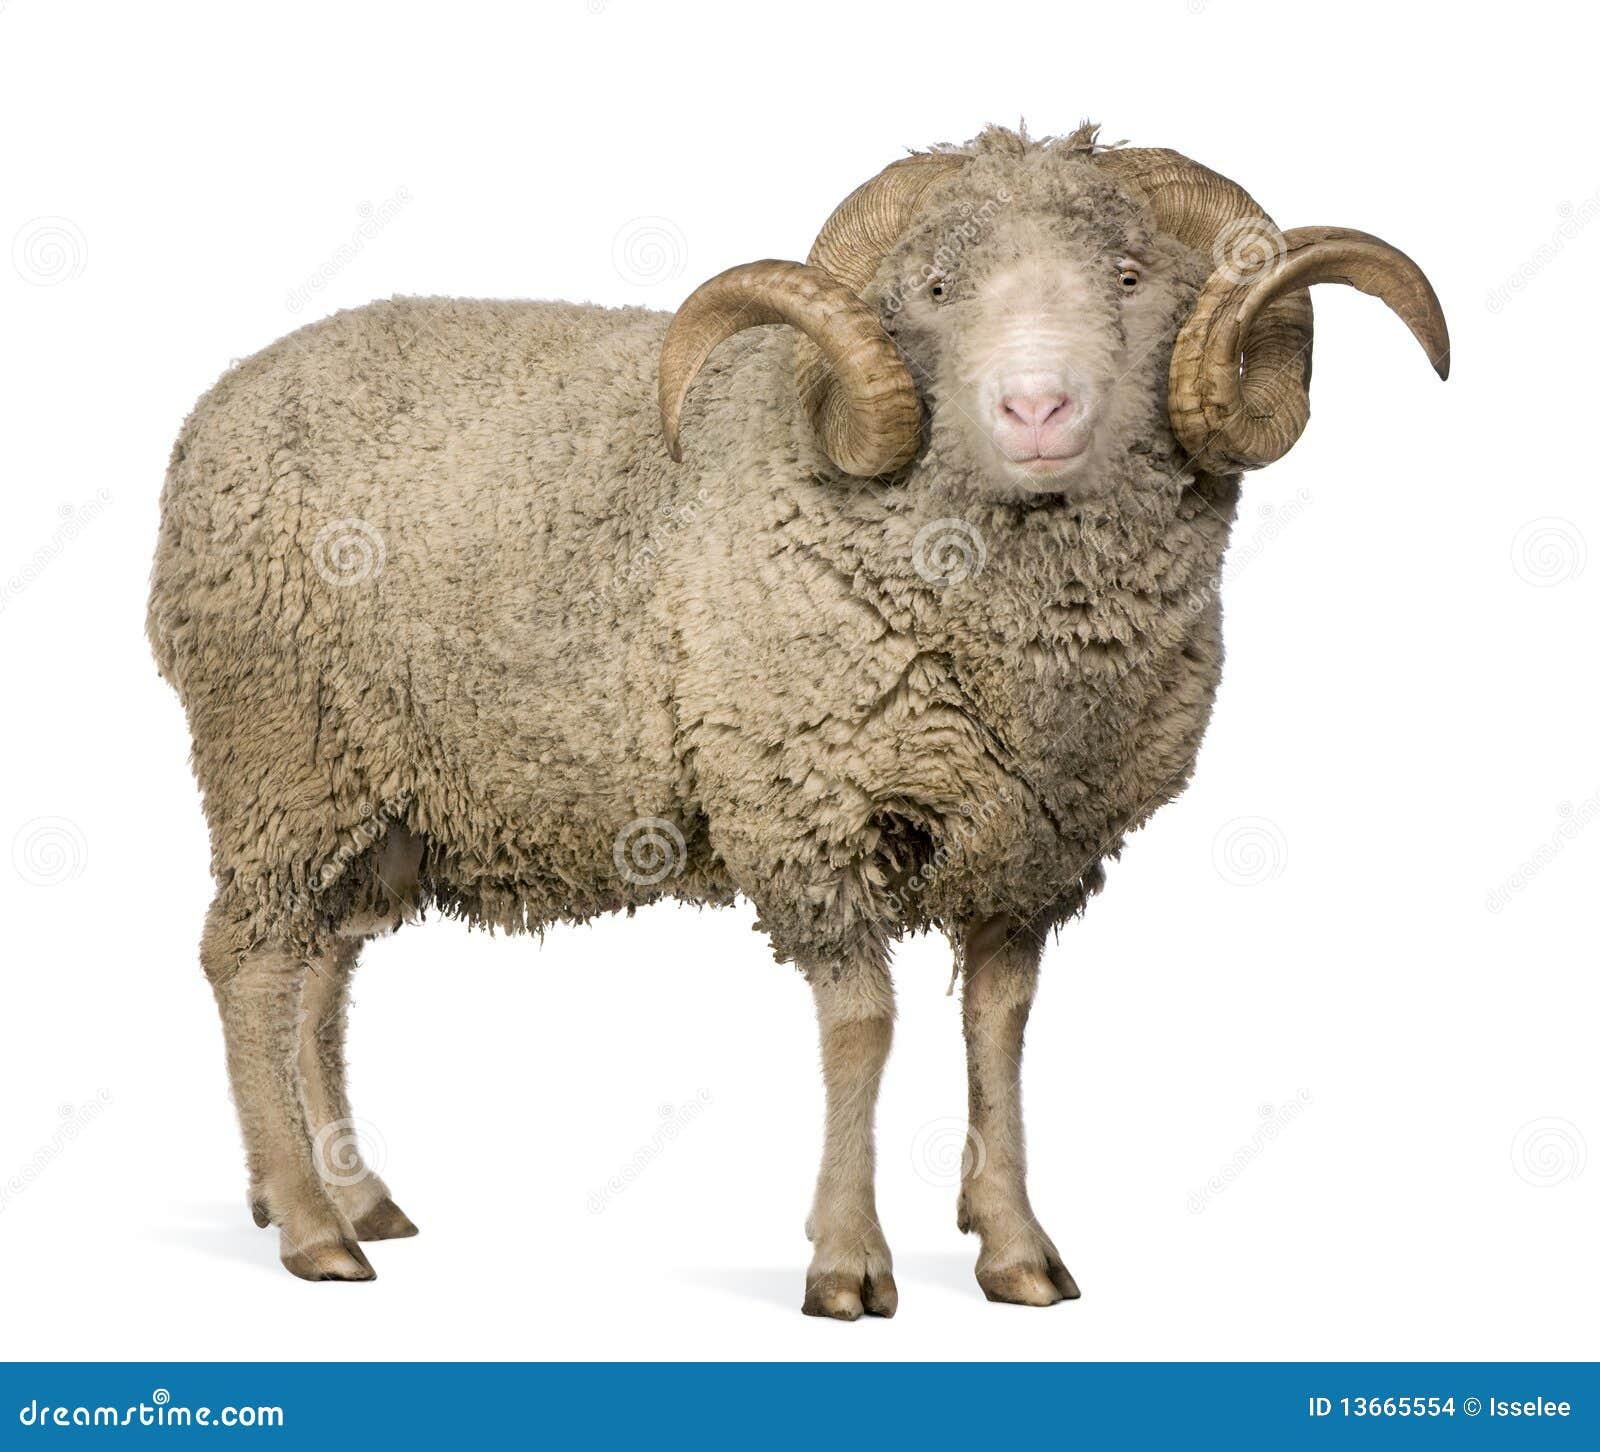 Animal farm length